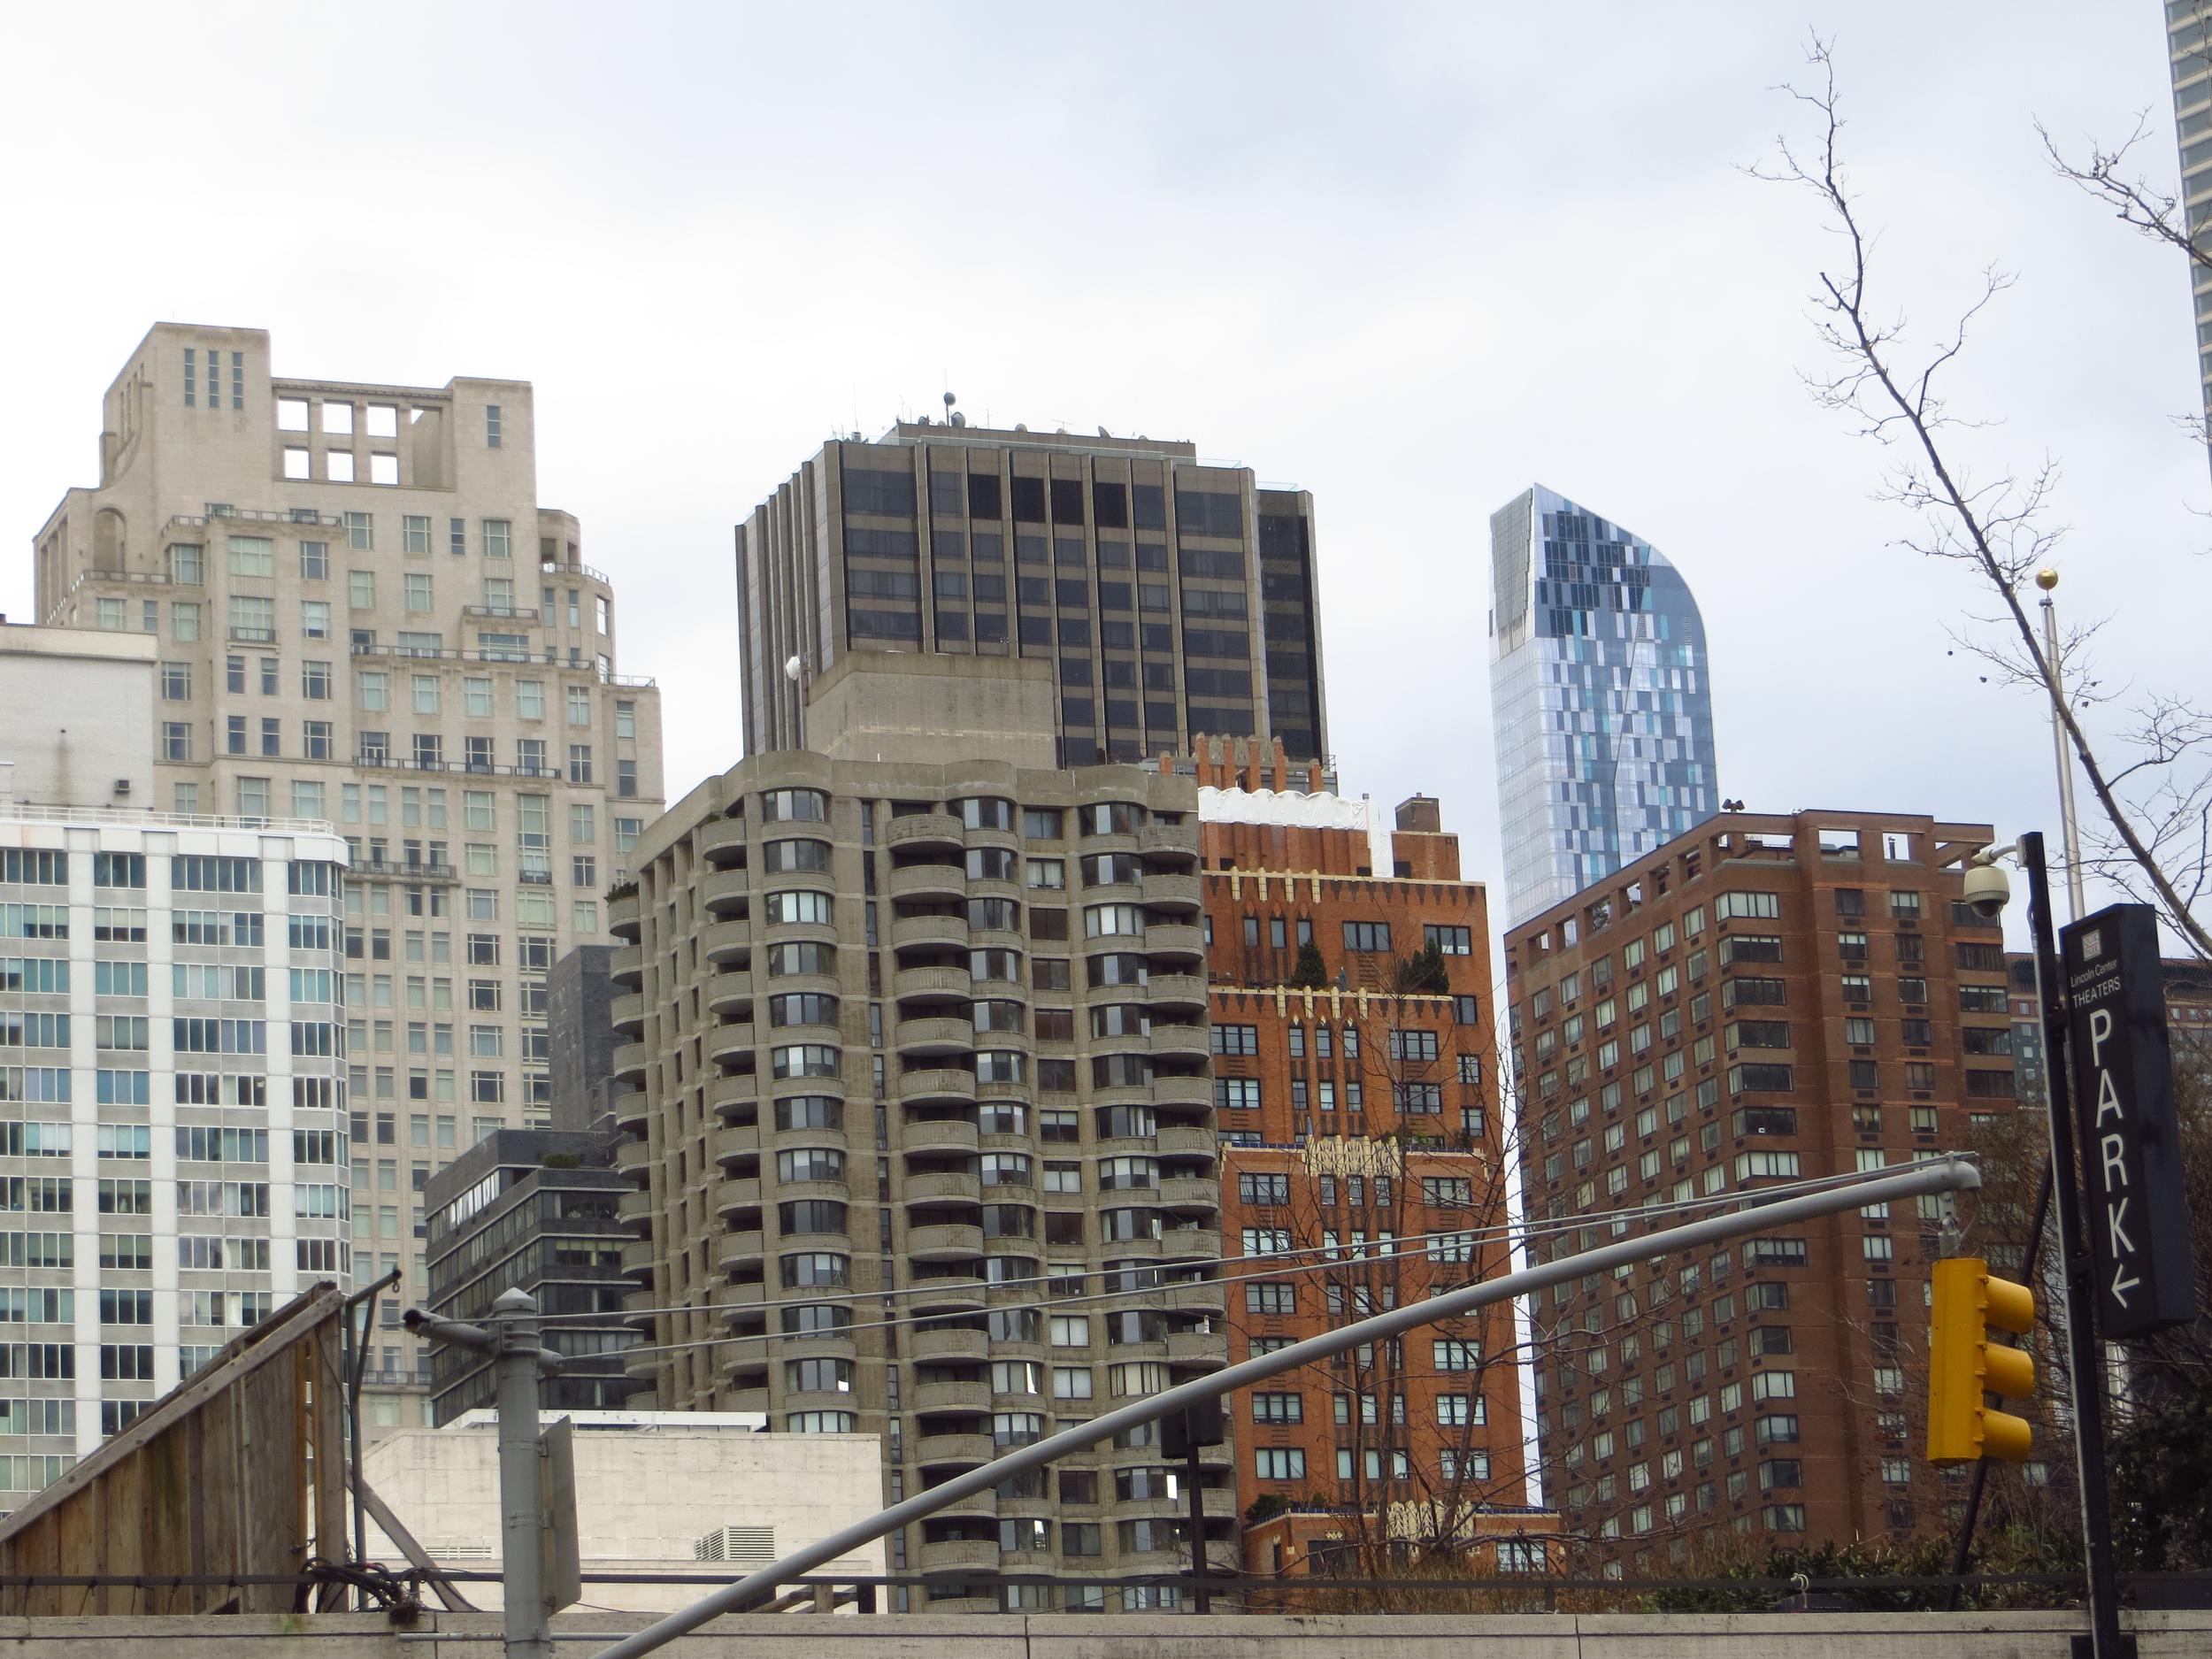 UWS apartment buildings